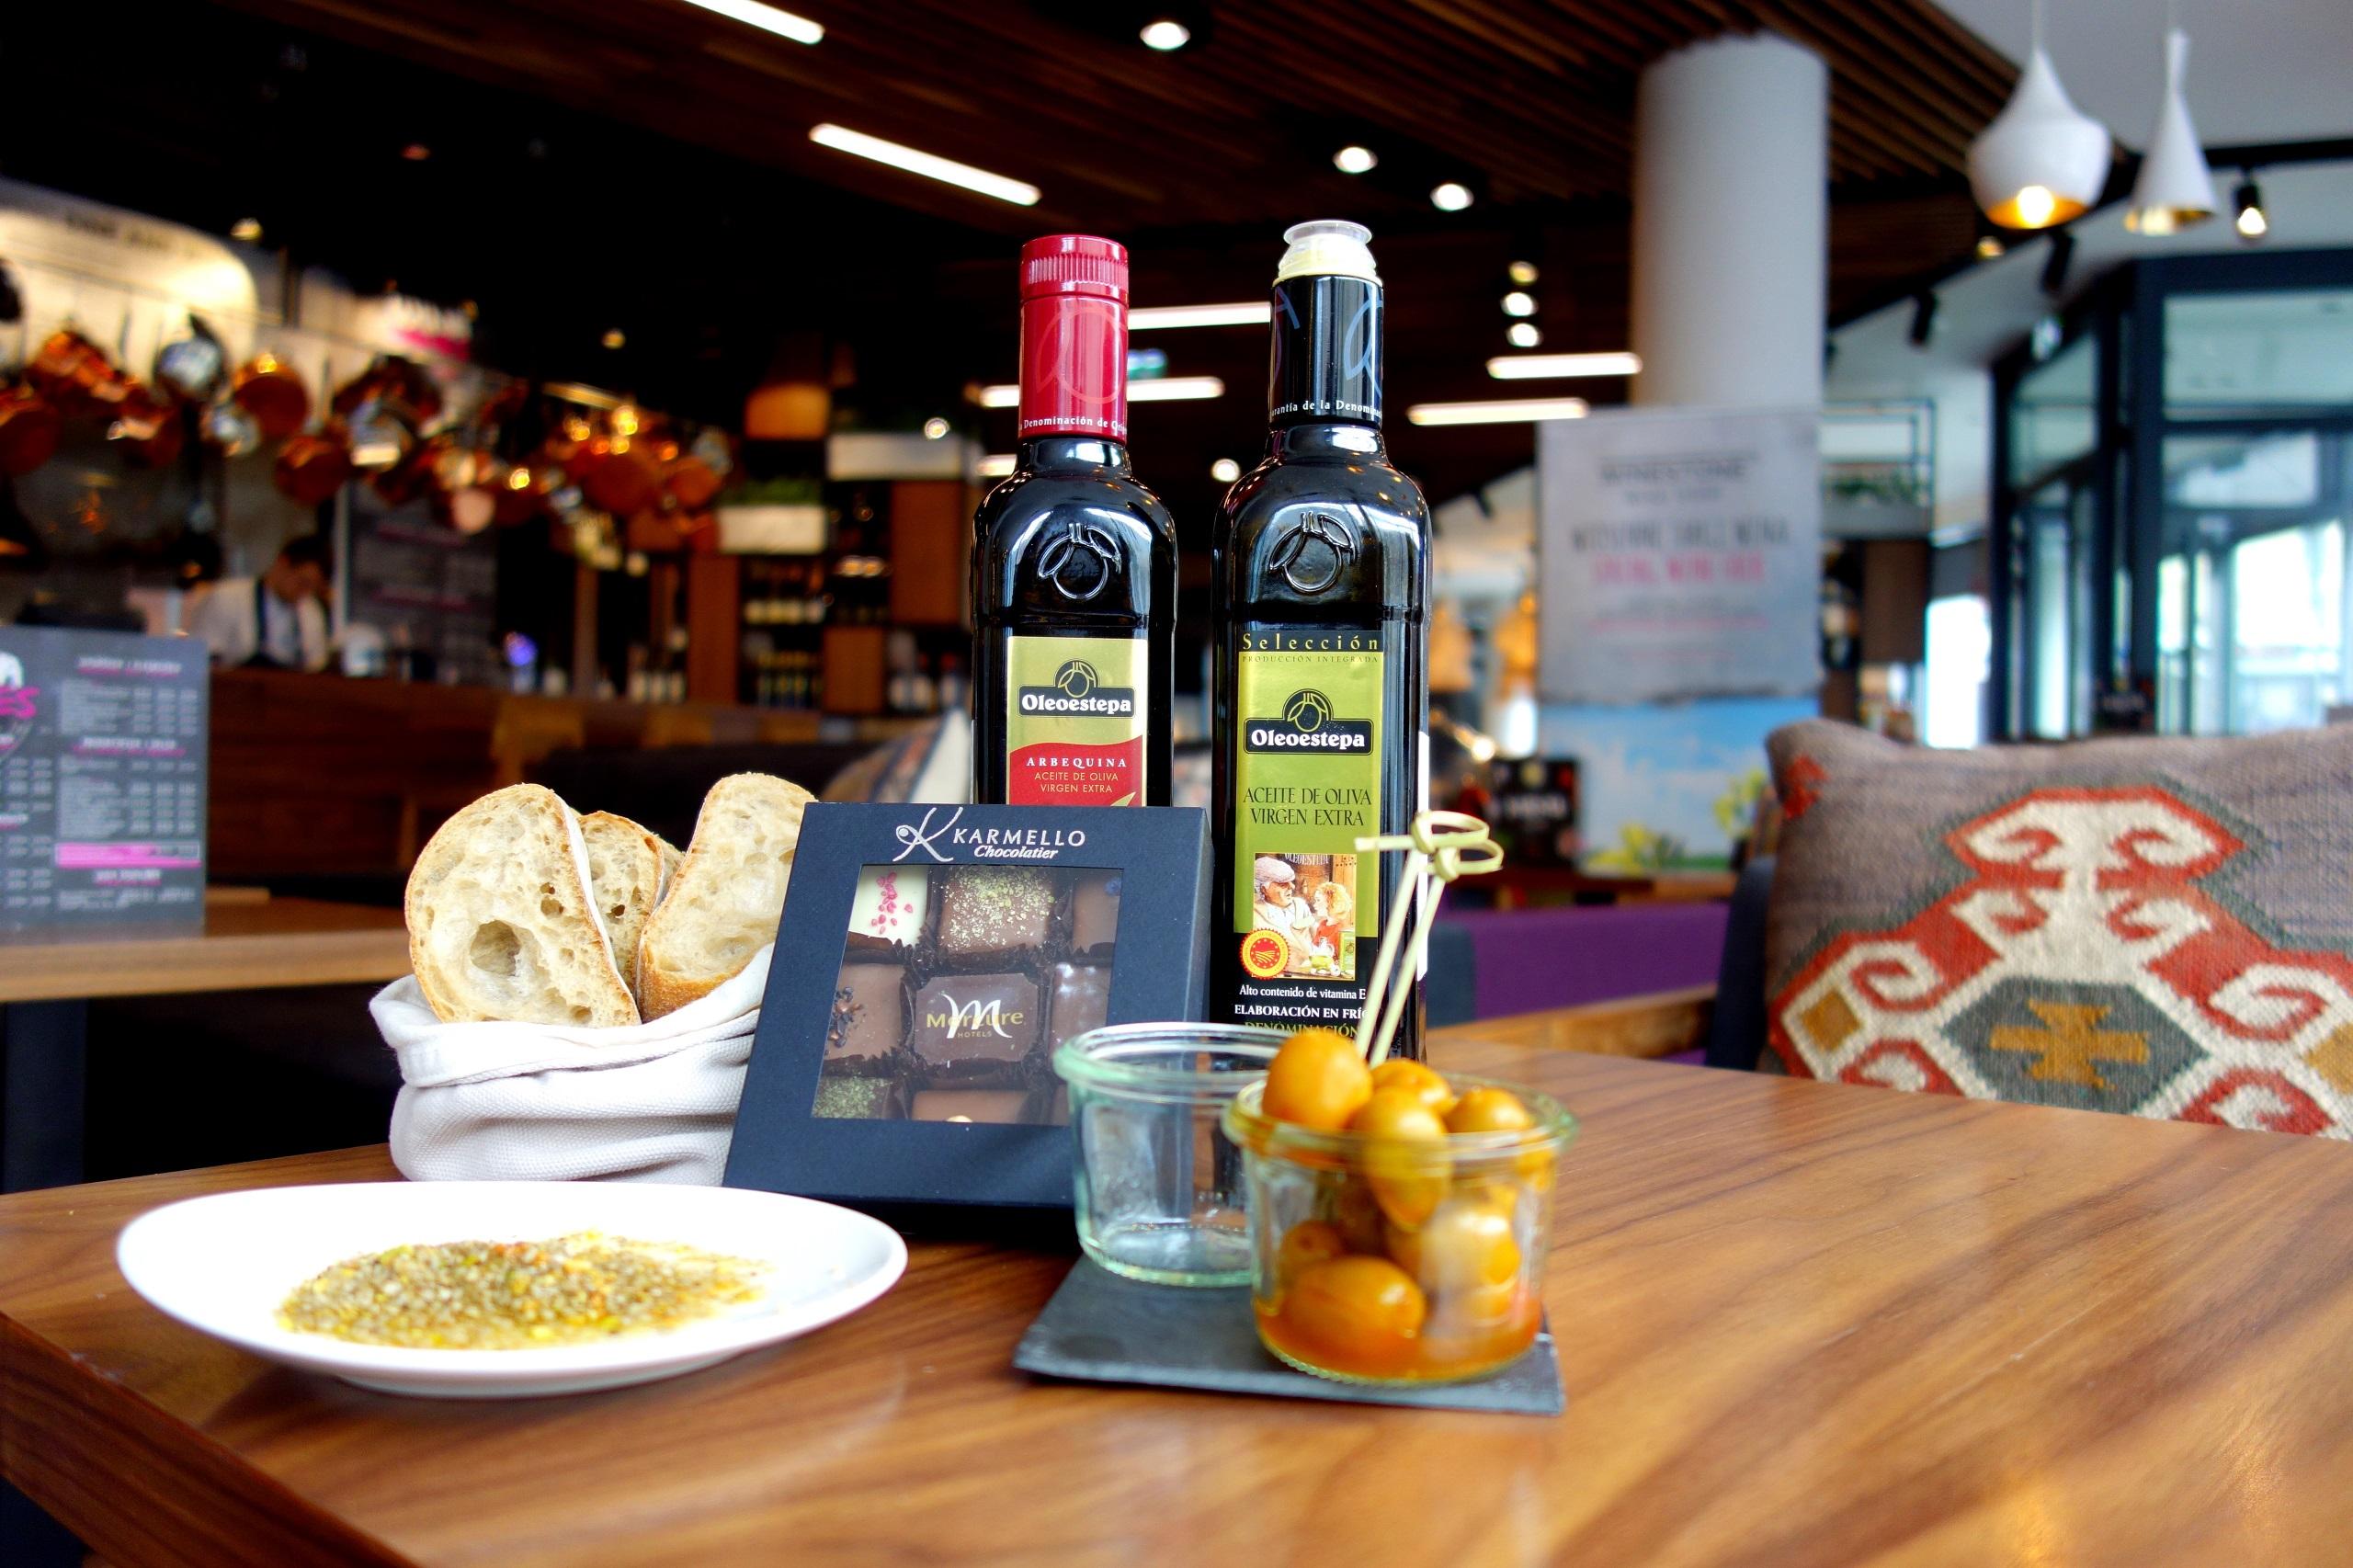 Dukkah (czyt. duka), oliwa oraz chleb - Mercure Kraków Stare Miasto